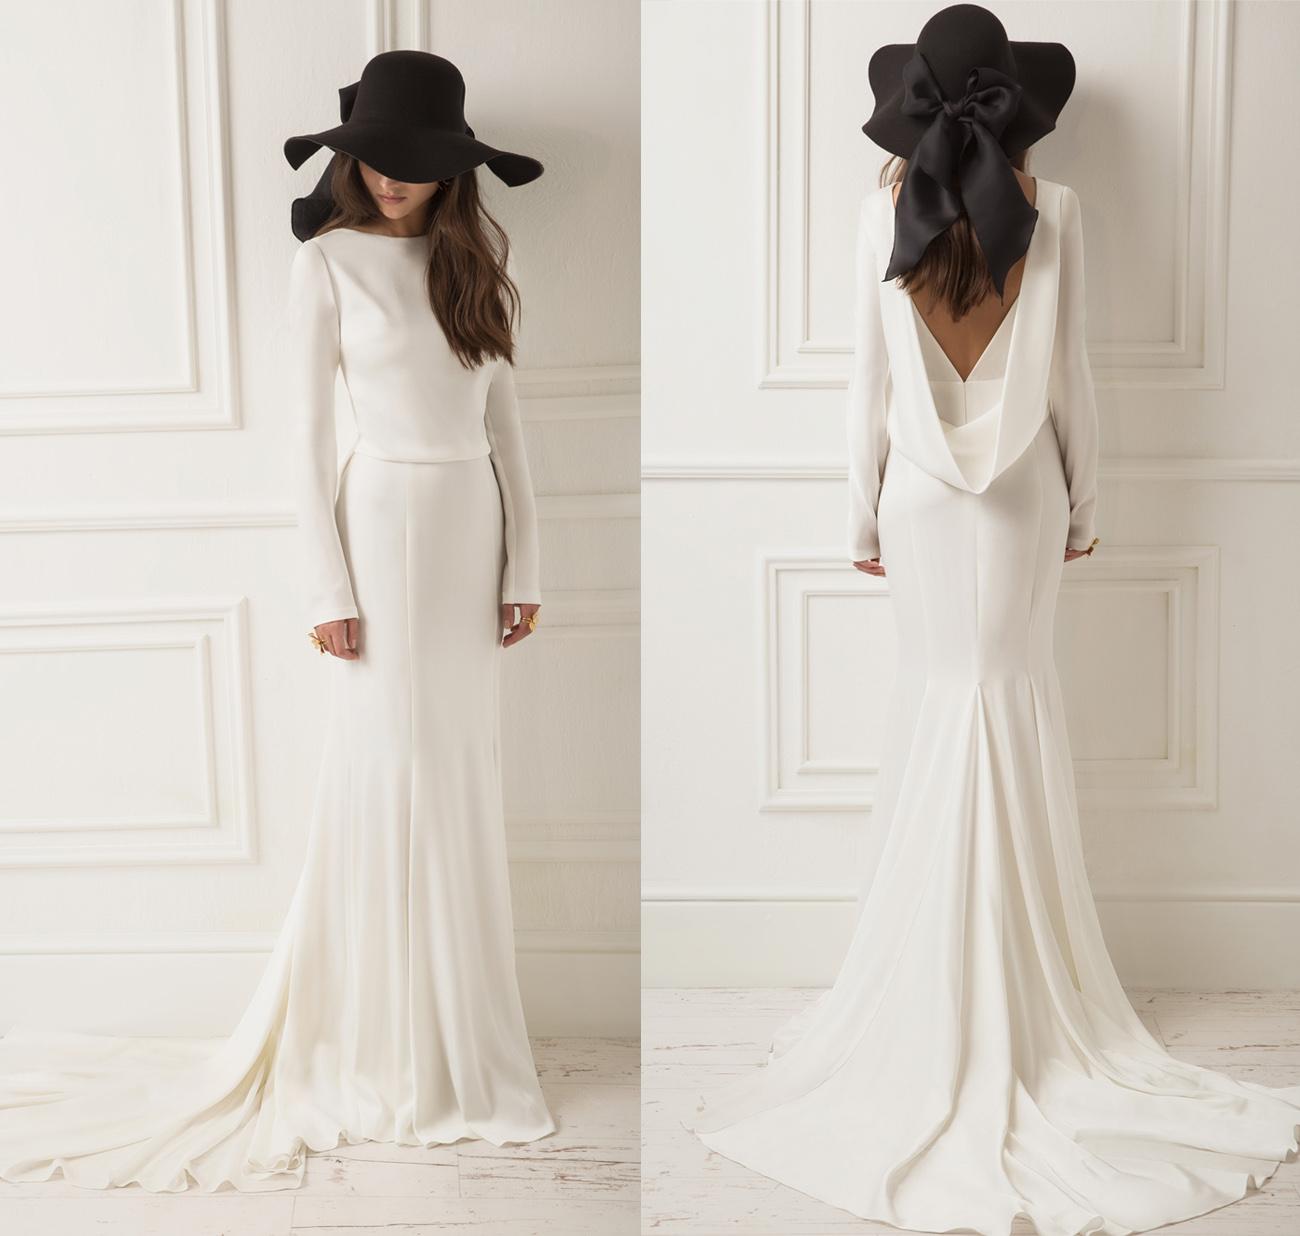 Morgan dress from Lihi Hod